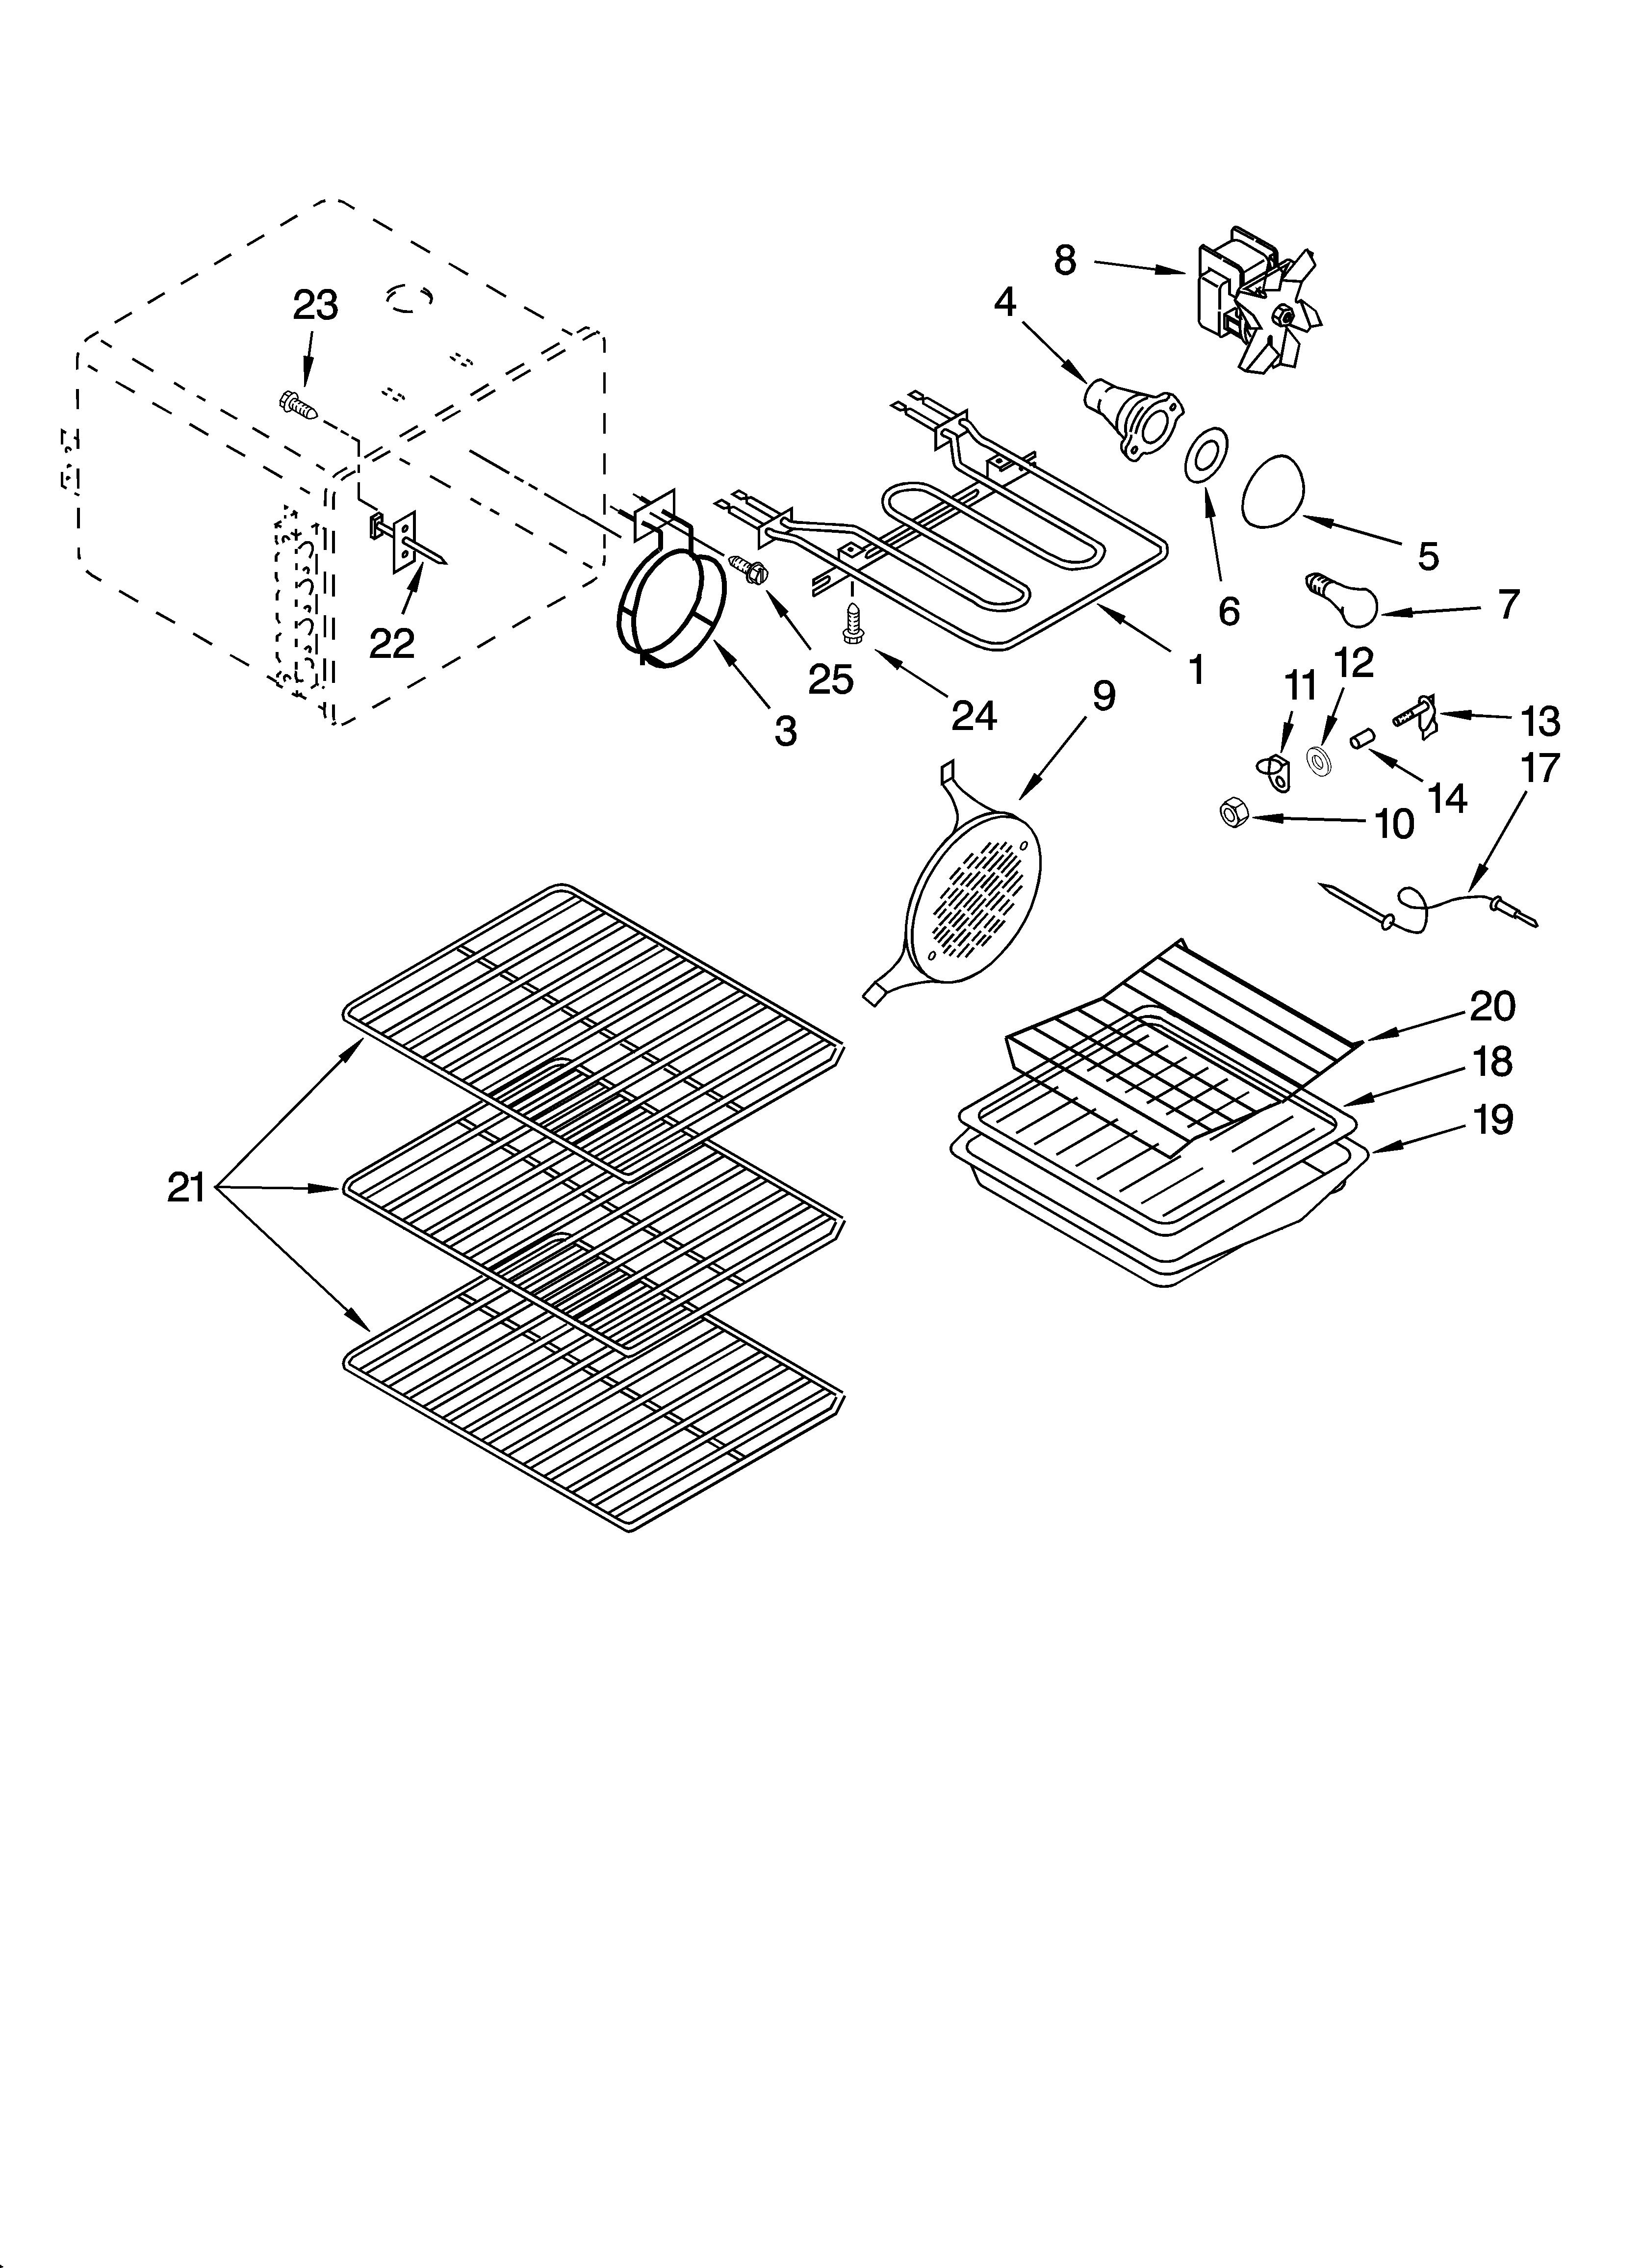 on whirlpool microwave wiring diagram